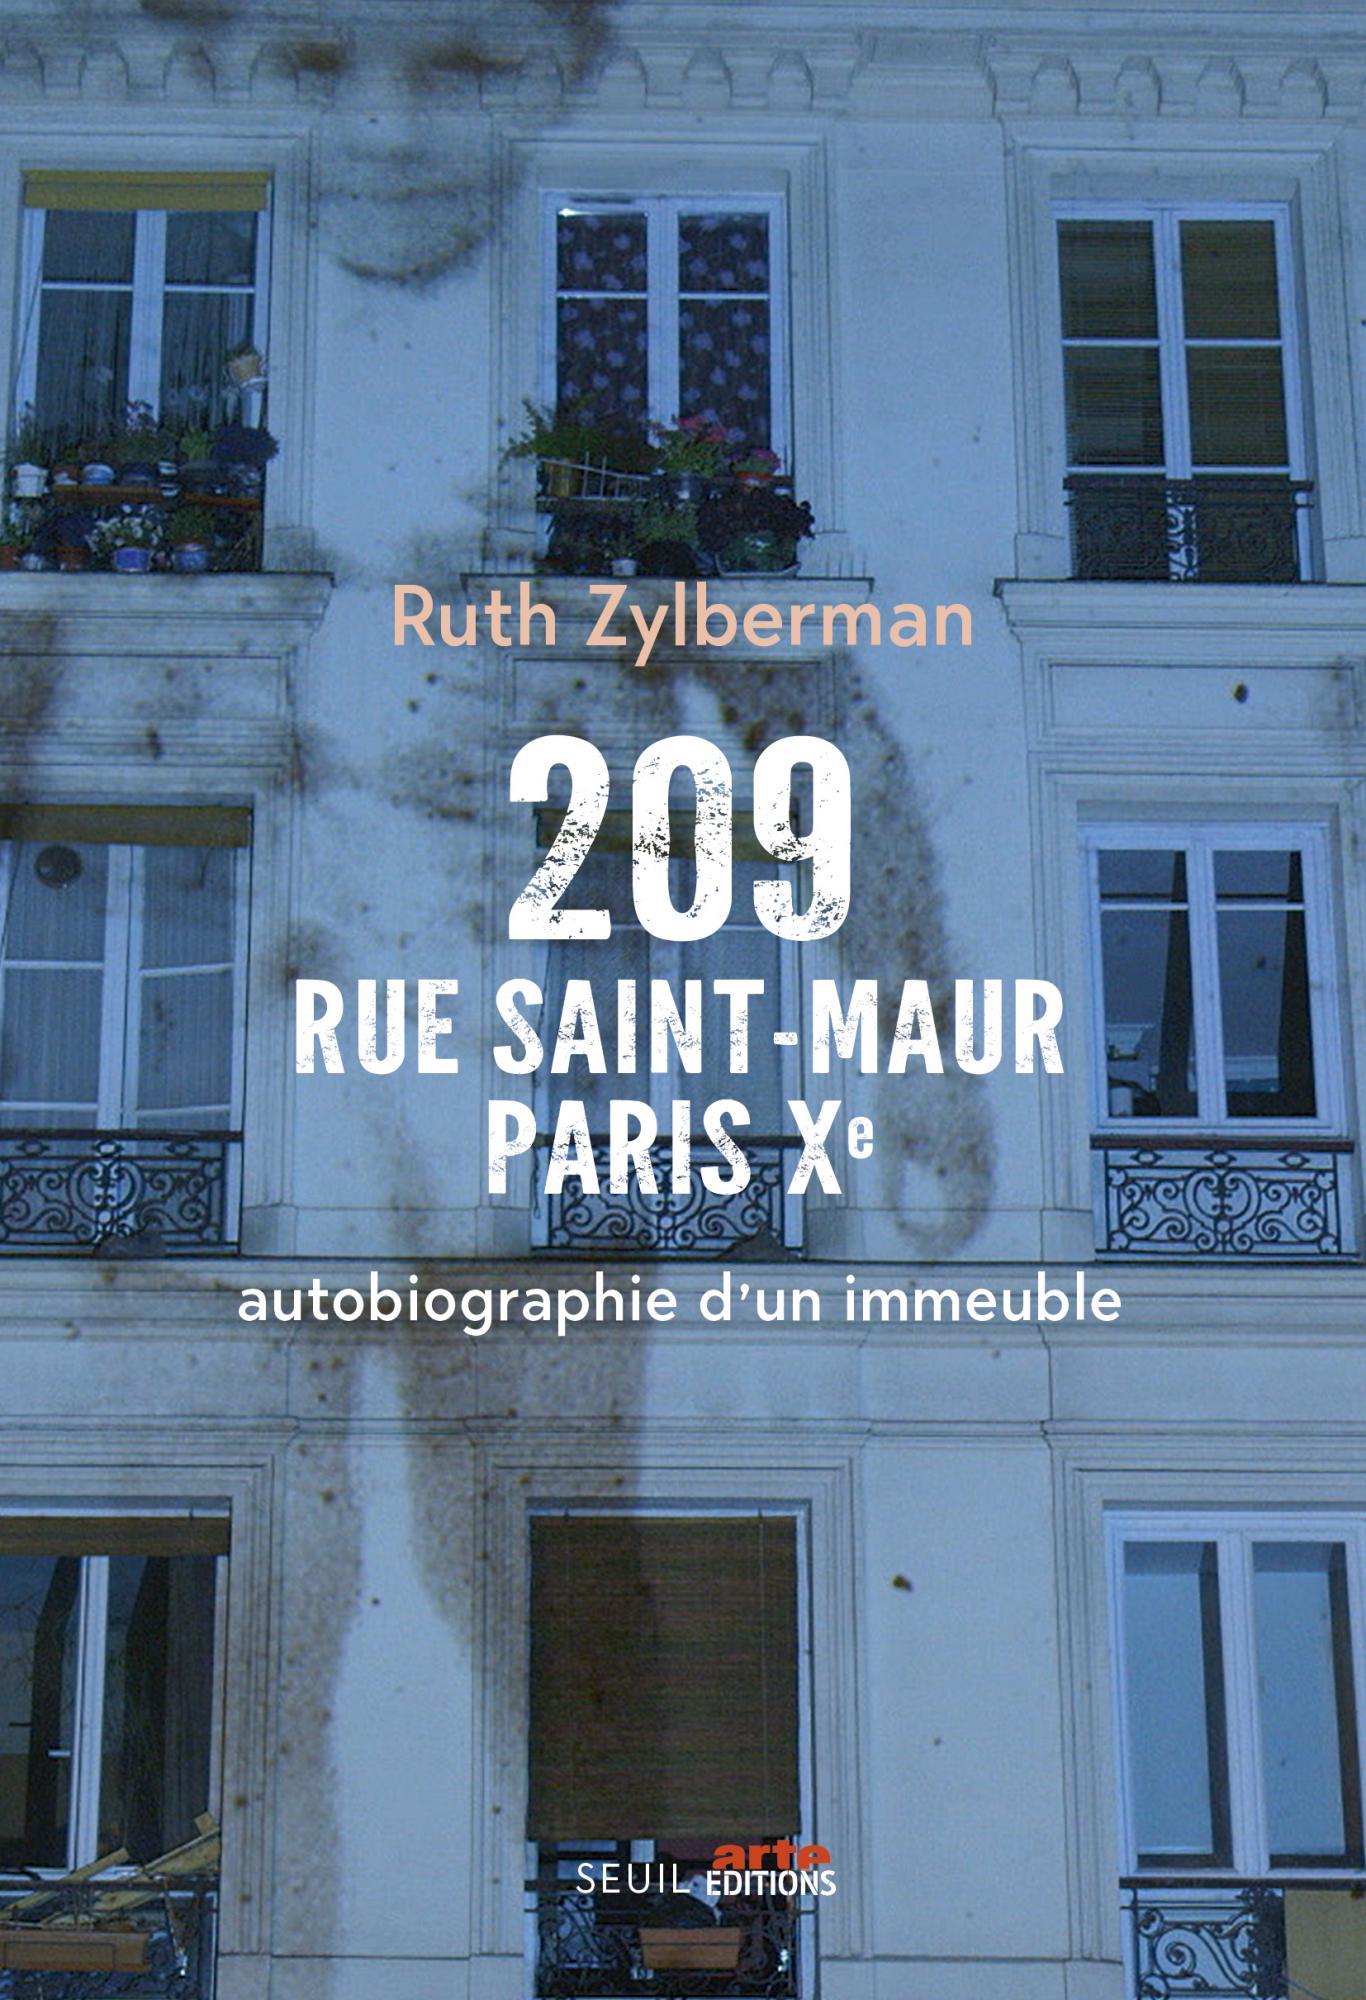 R. Zylberman, 209 rue Saint-Maur, Paris XeAutobiographie d'un immeuble